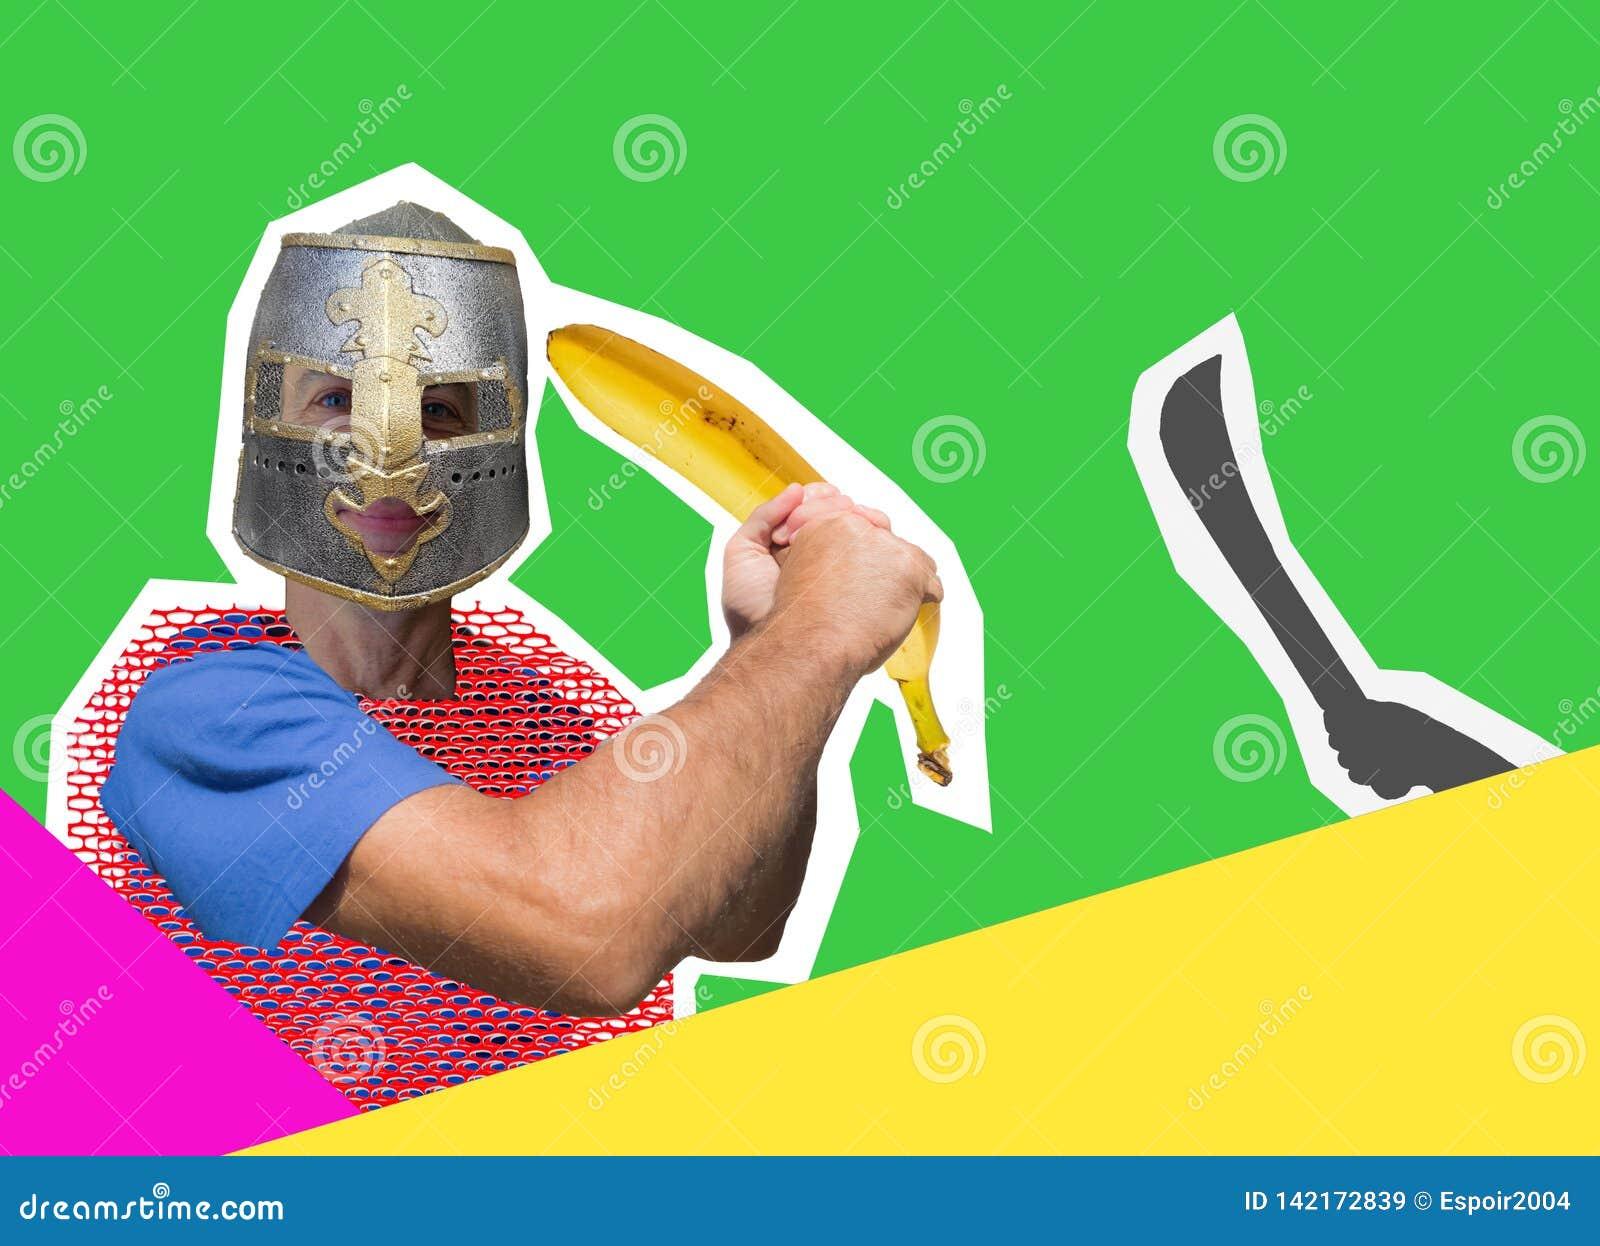 Le chevalier comique avec une banane au lieu d une épée est protégé contre un ennemi fictif